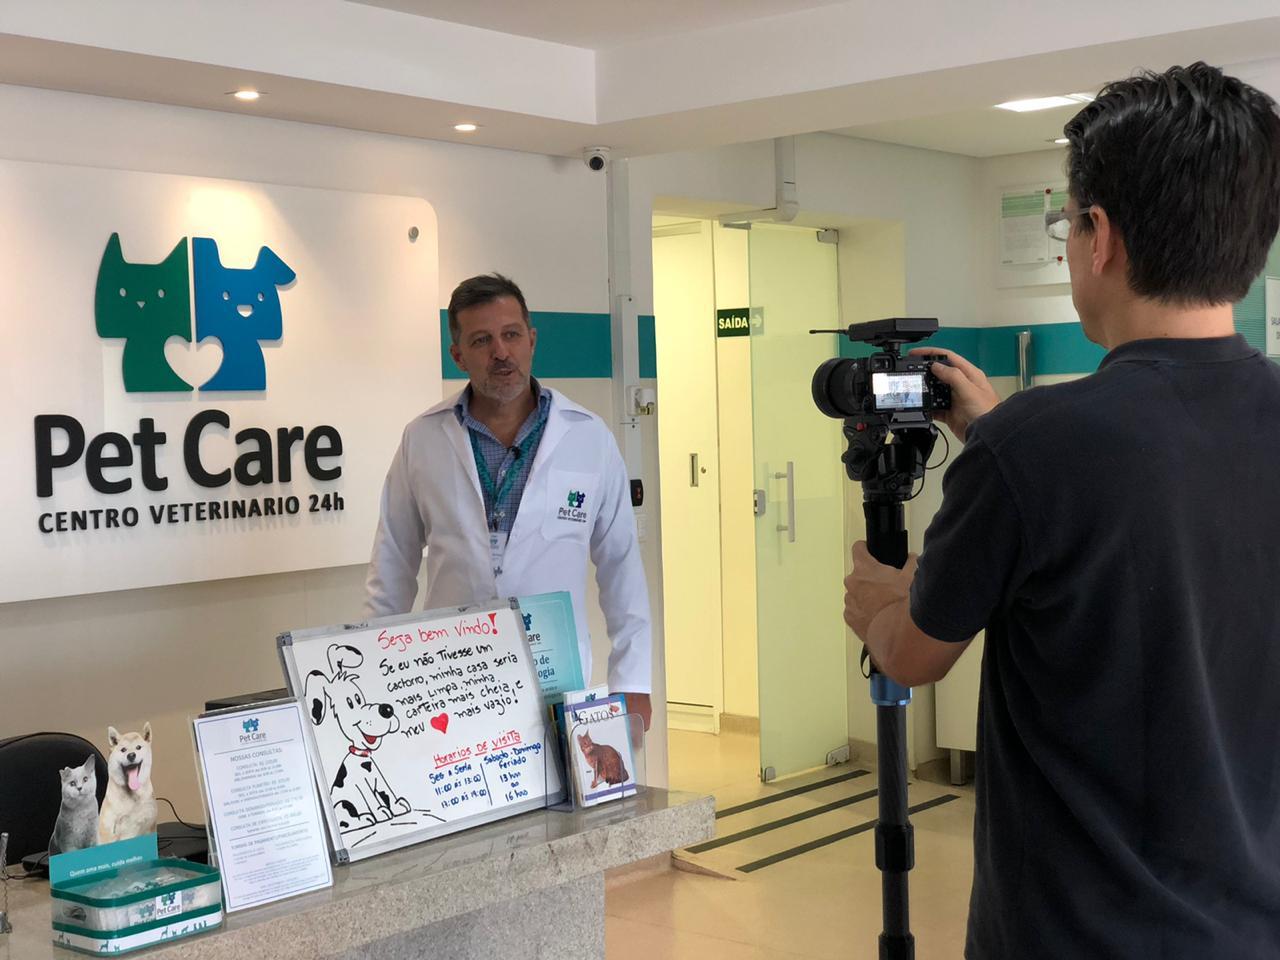 whatsapp image 2020 02 20 at 17 33 24 - Reportagem da Rede TV explica o coronavírus em cães e gatos